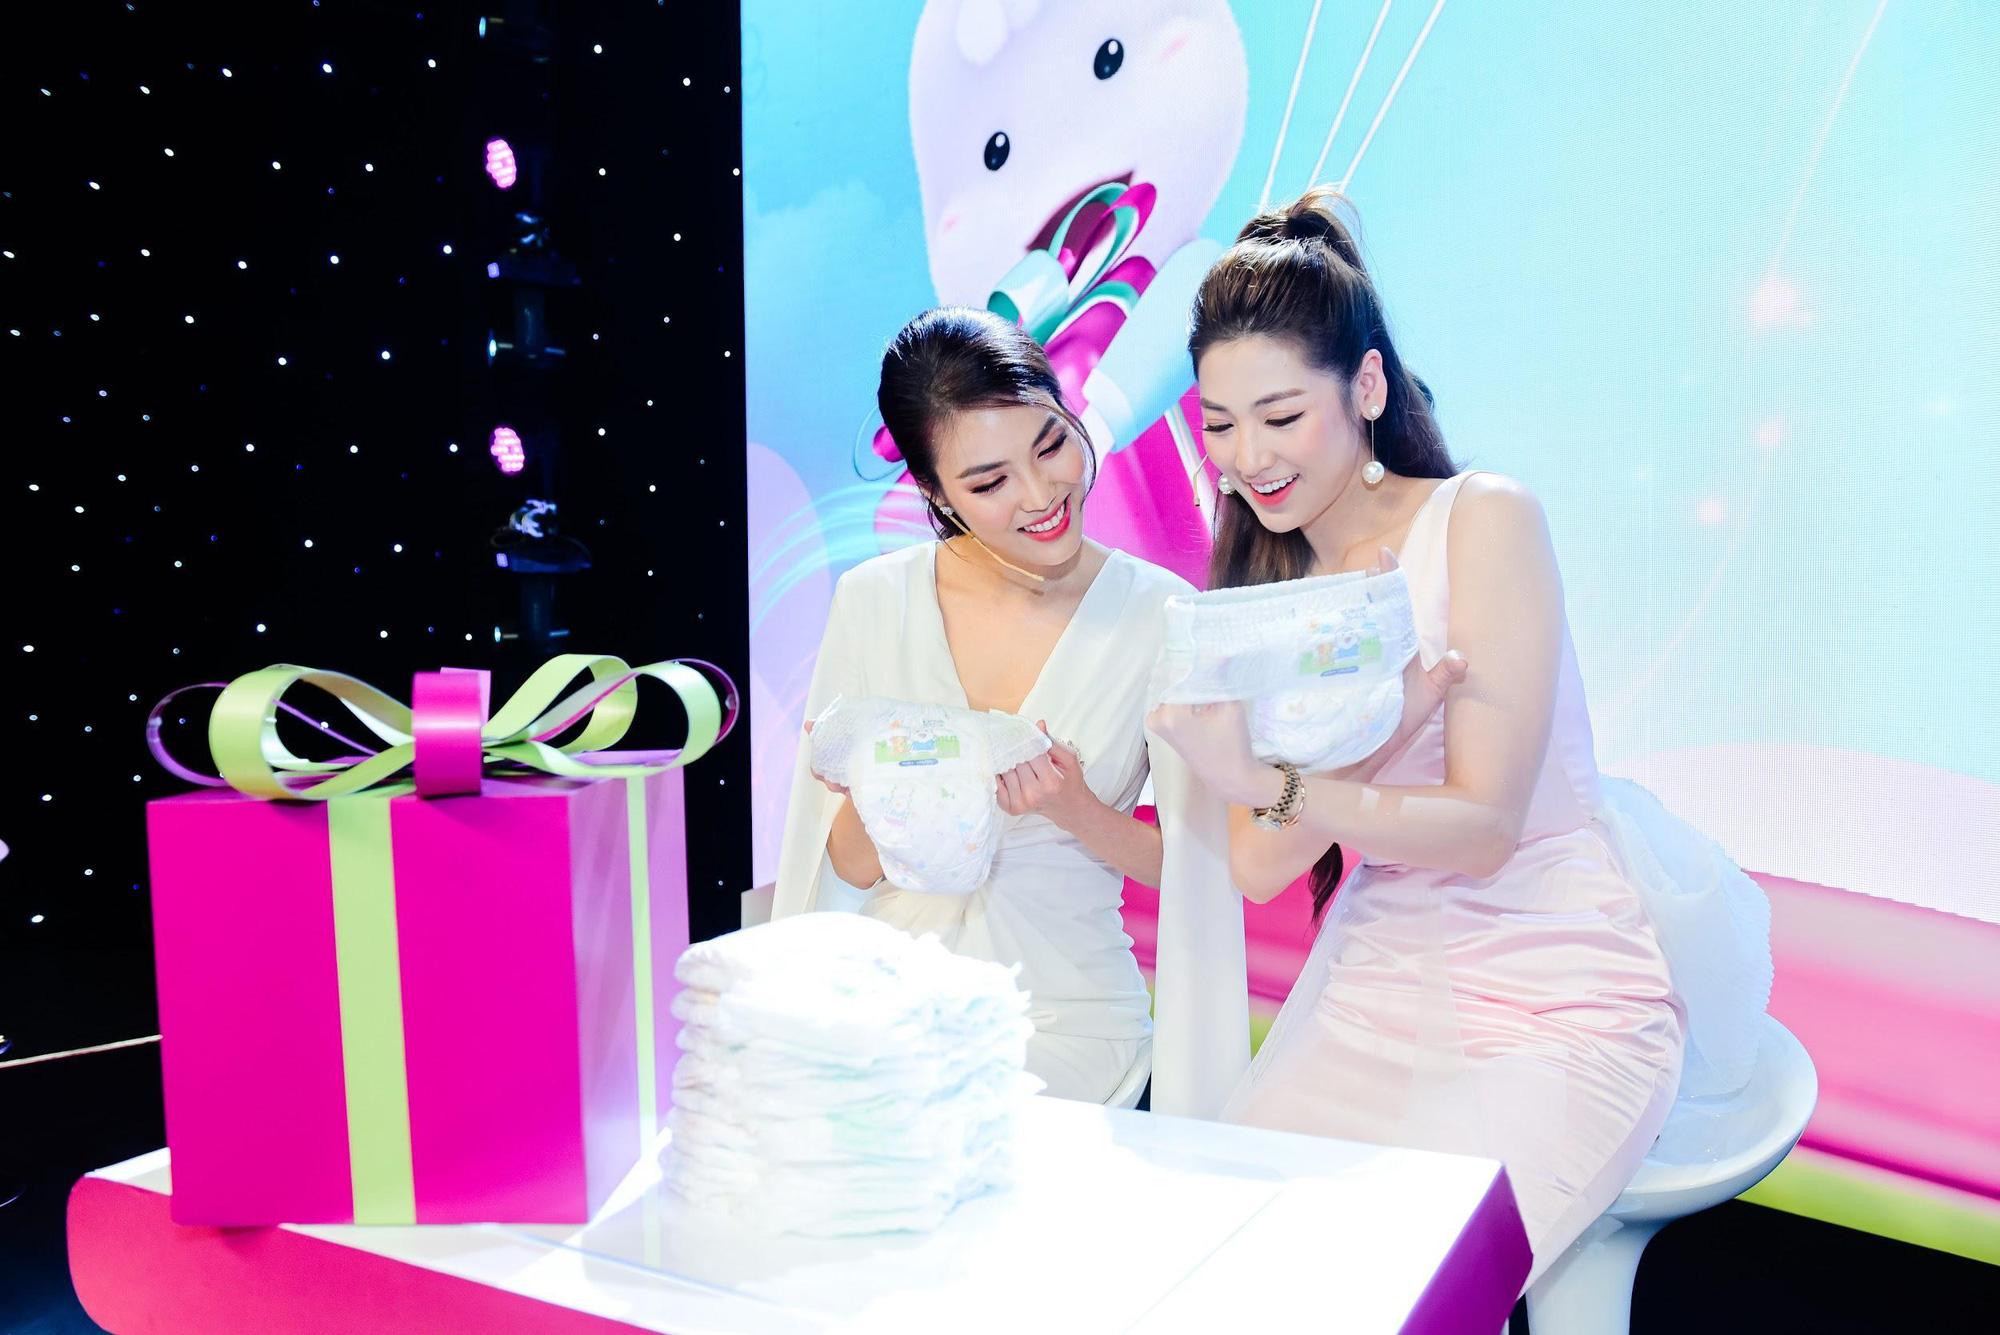 """Điều gì khiến dàn khách mời siêu mẫu Lan Khuê, Á hậu Tú Anh kinh ngạc trong sự kiện """"hạ cánh"""" siêu phẩm từ nhãn hiệu tã nổi tiếng? - Ảnh 10."""